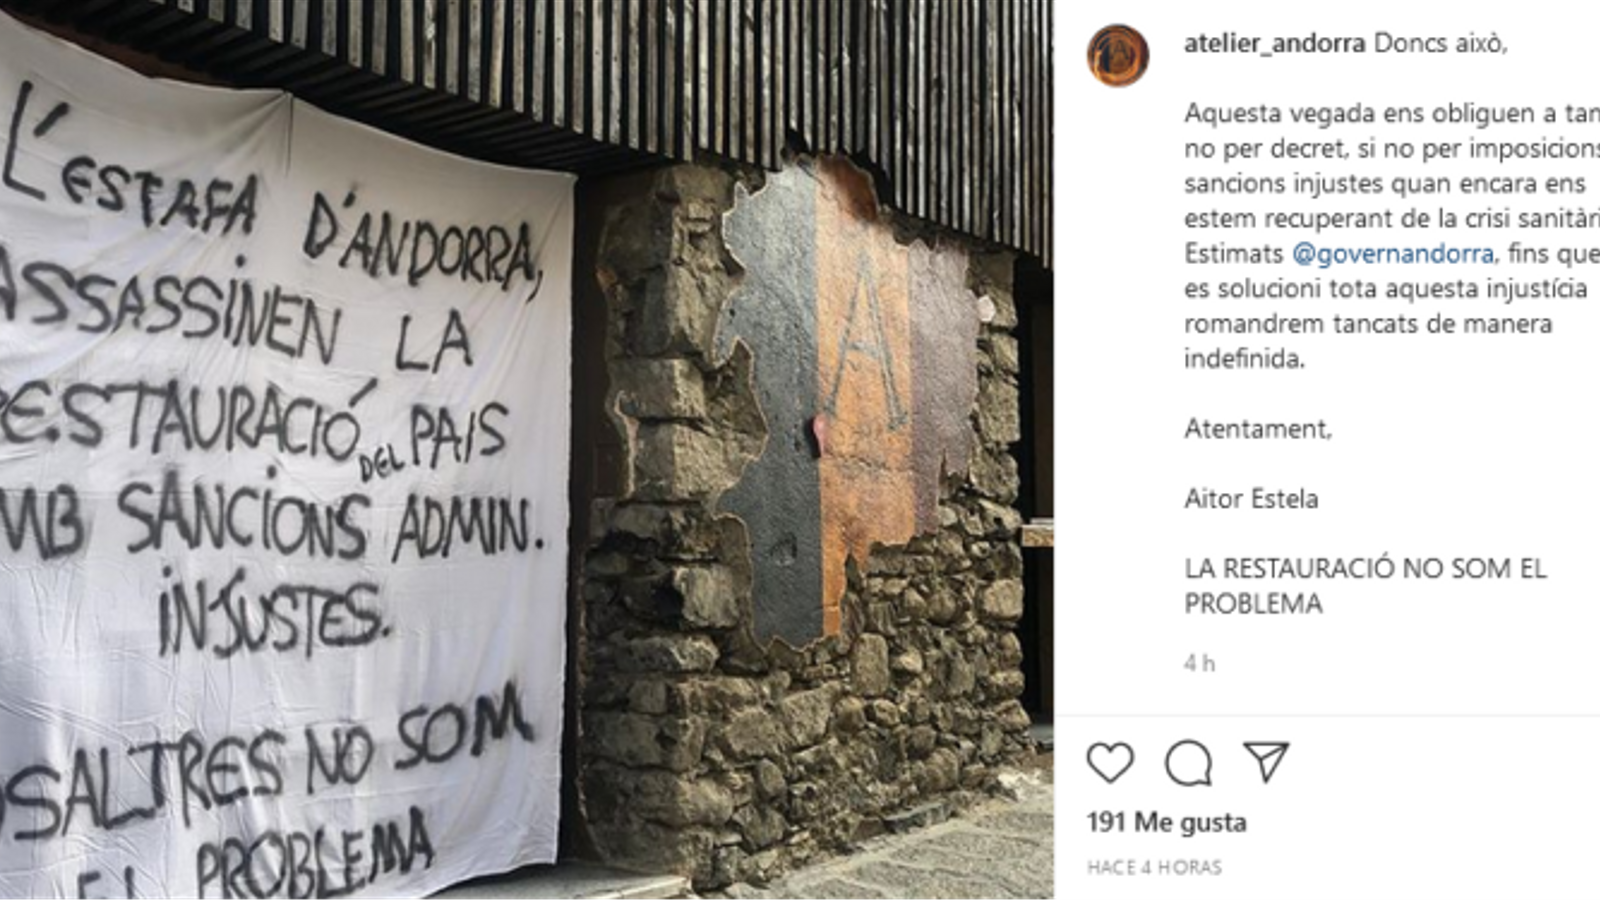 L'altra 'estafa d'Andorra'